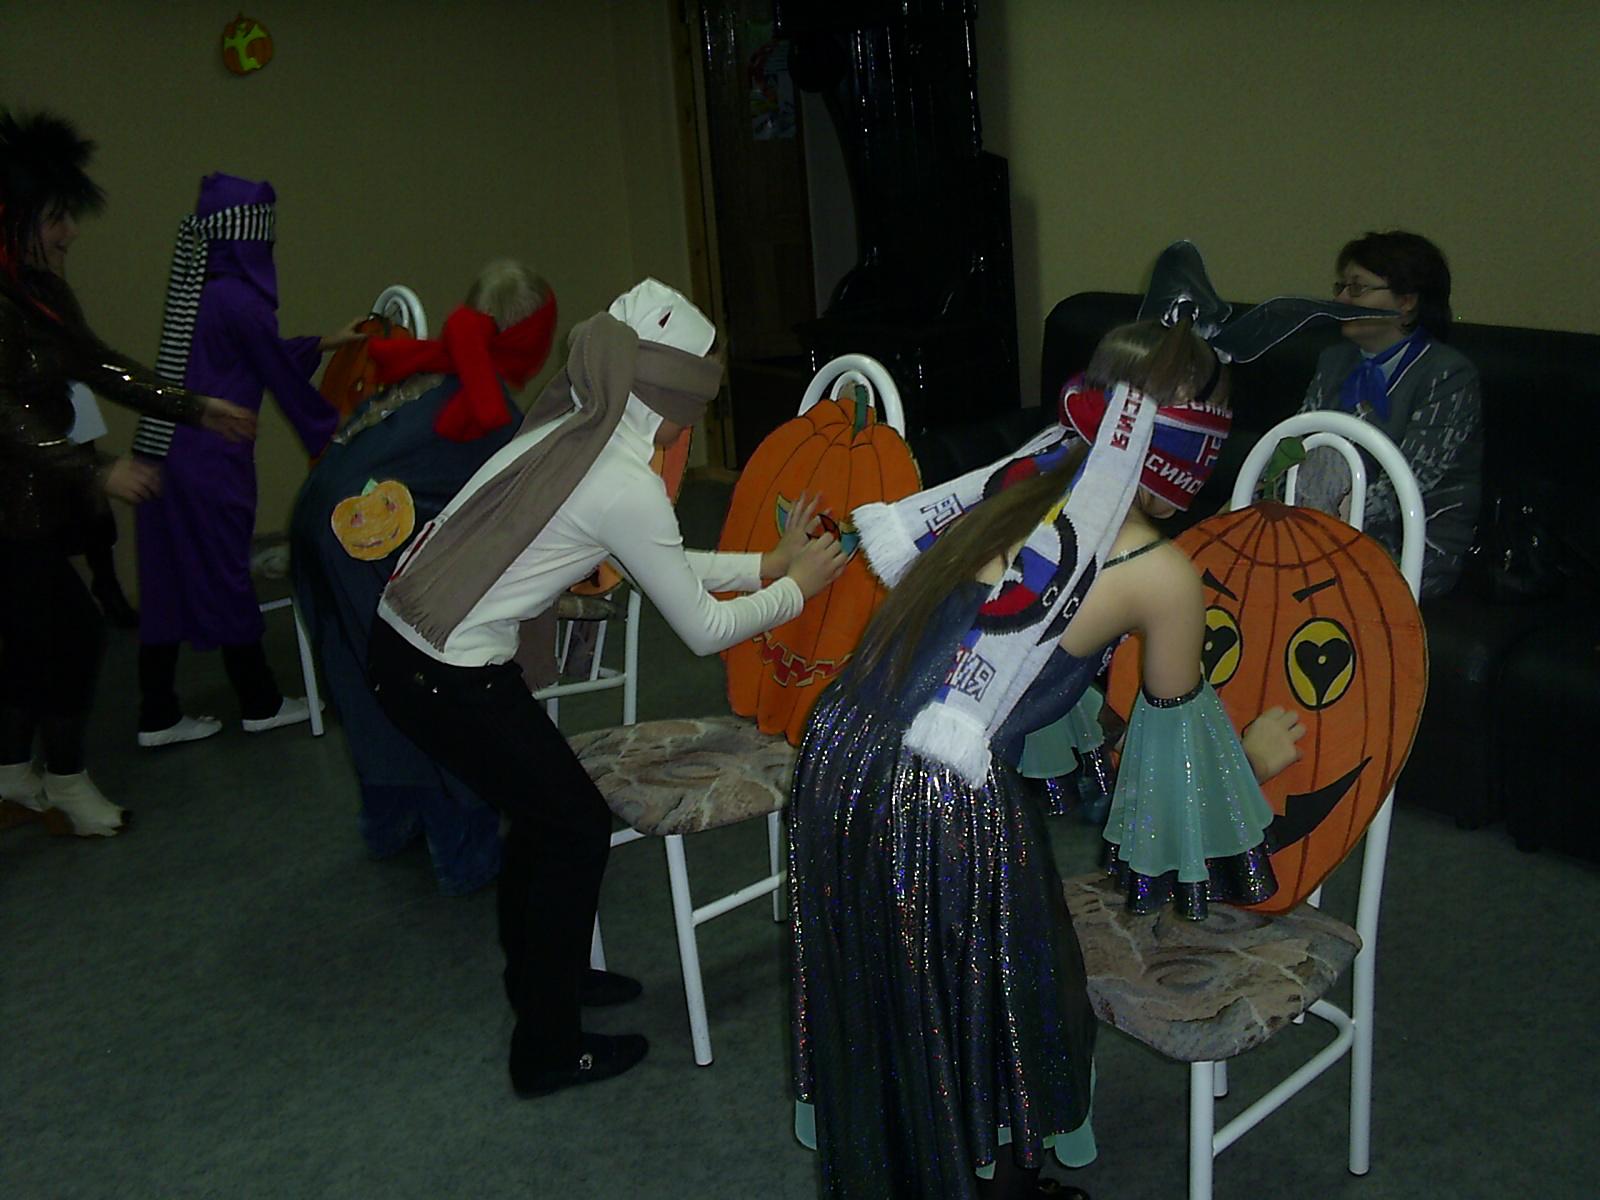 Конкурсы на хэллоуин для подростков 12